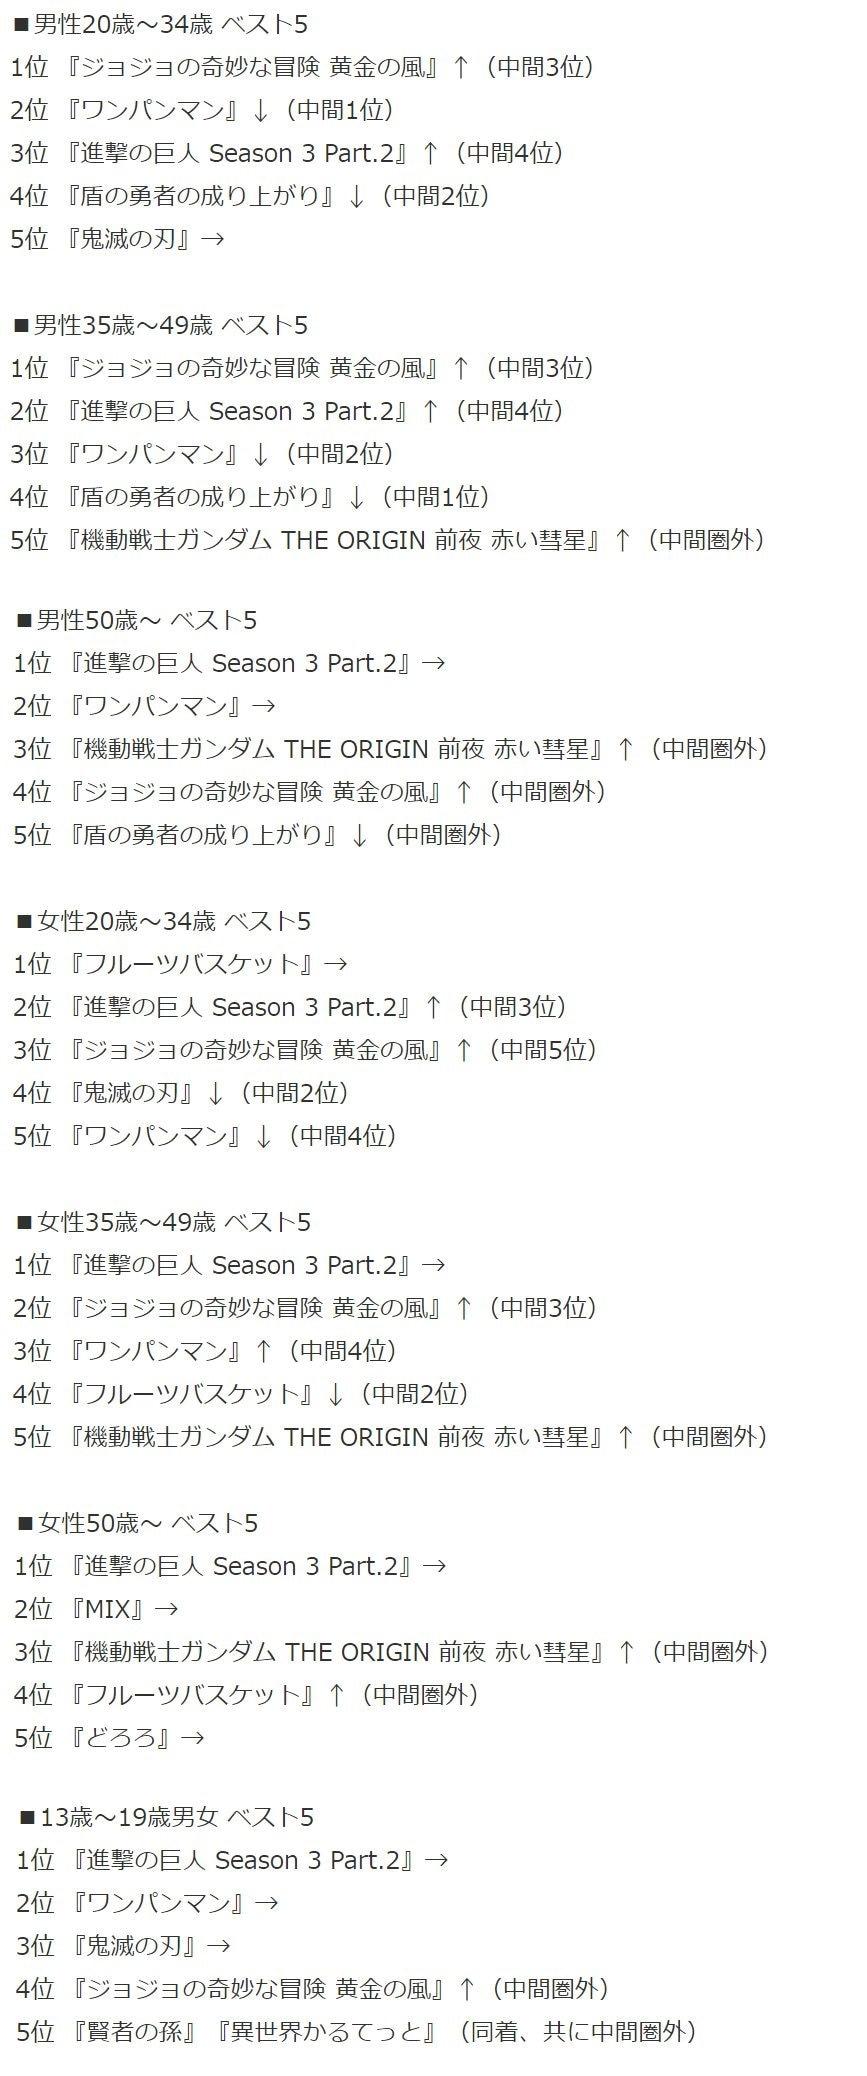 日媒《2019年4月播放动画收视排名》最终版,巨人3夺得第一- ACG17.COM